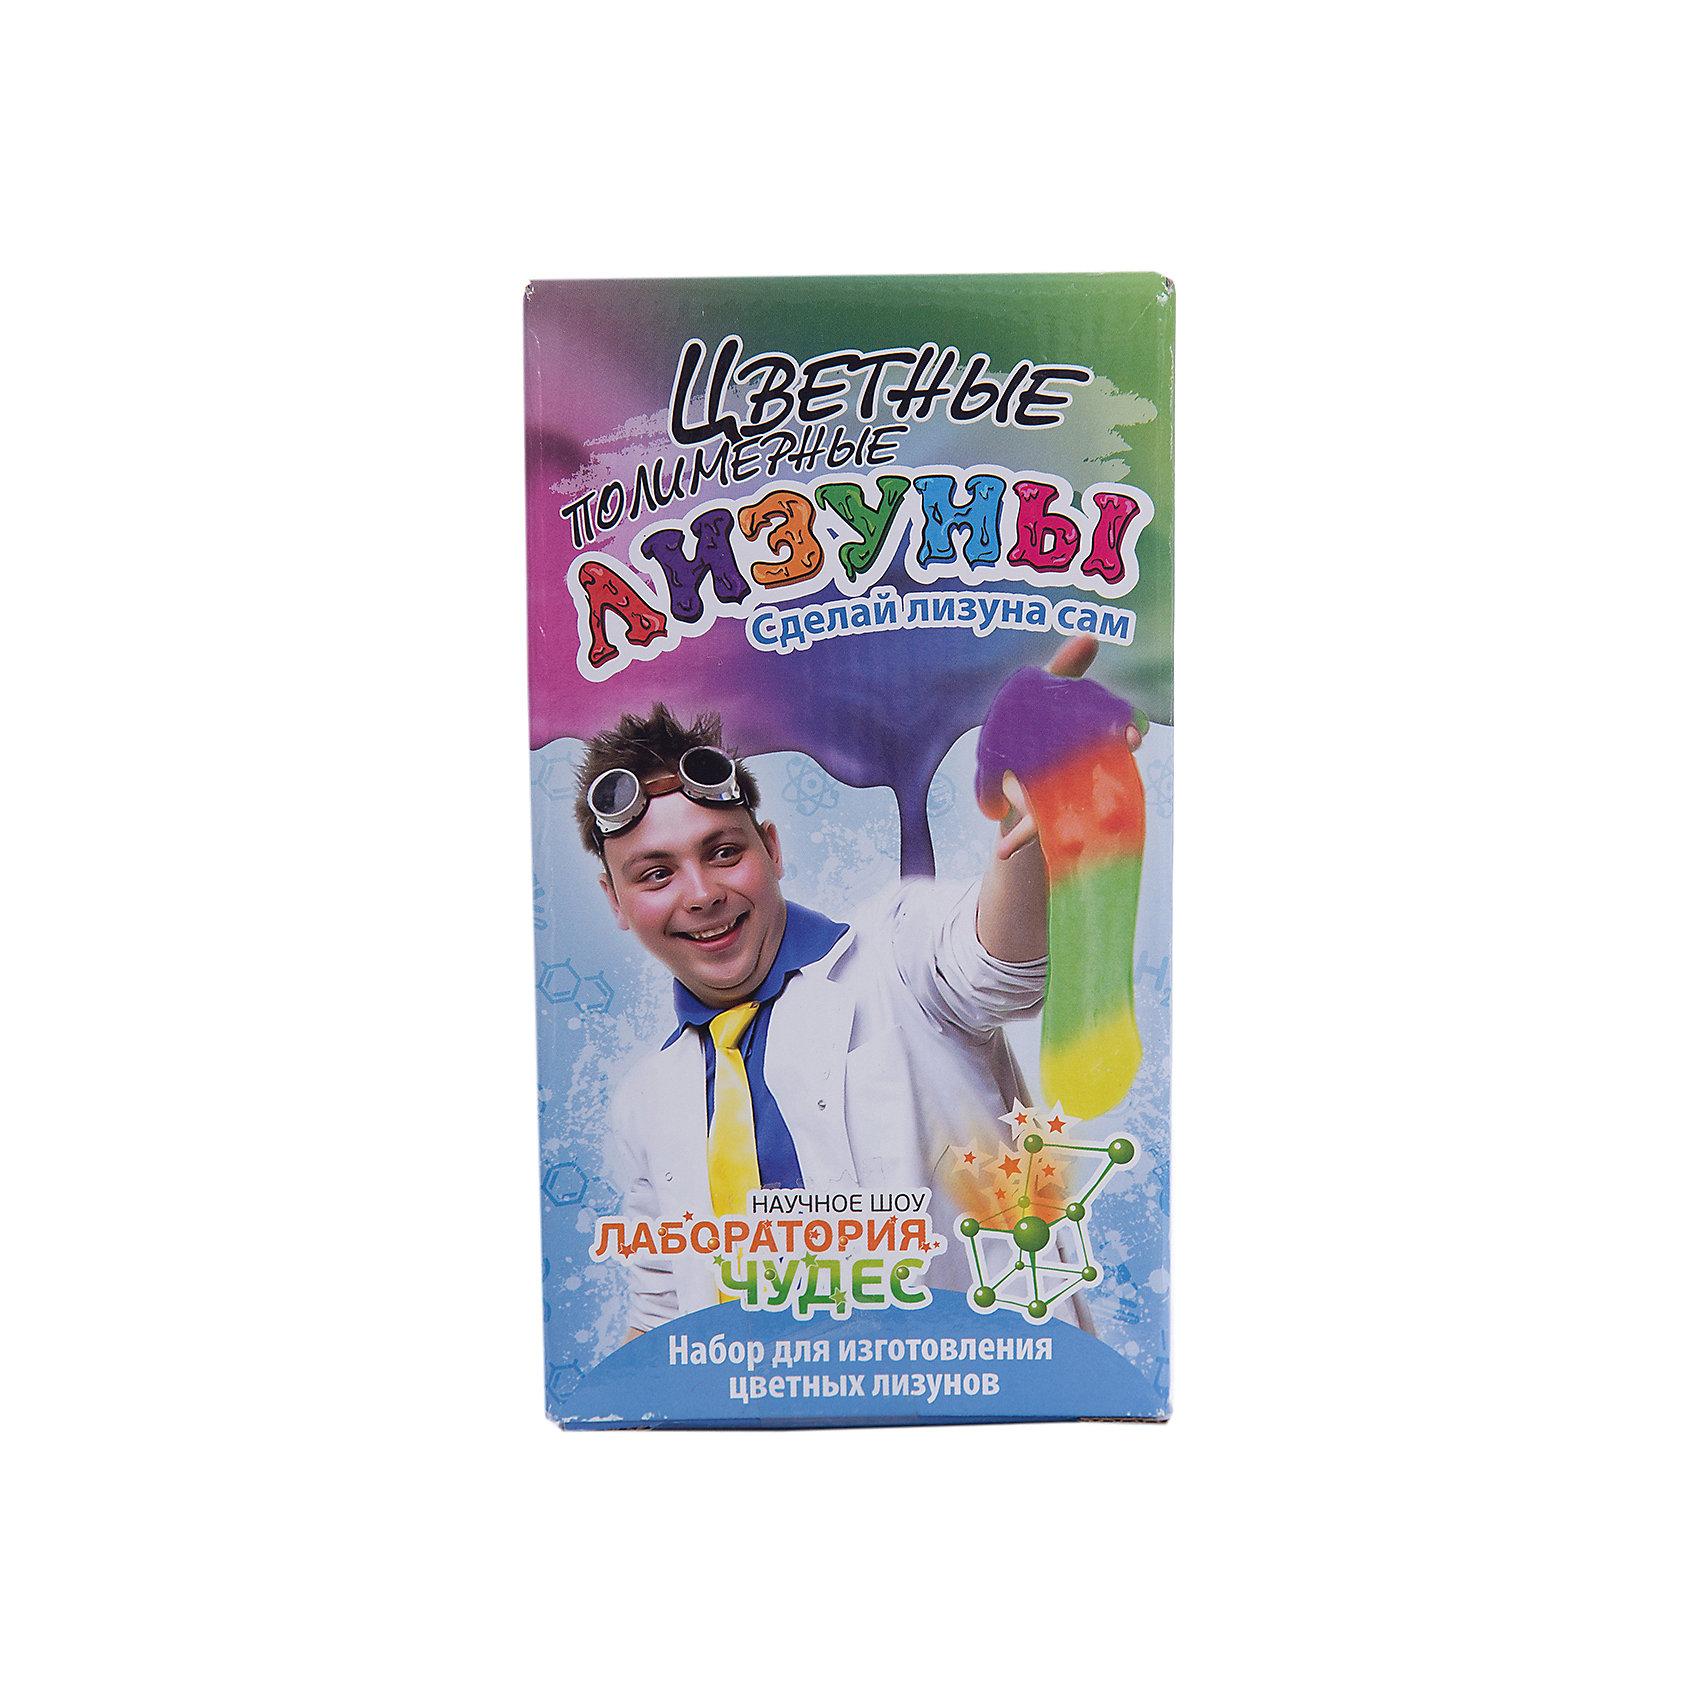 Набор для  опытов Юный химик, Цветные полимерные лизуны-Набор Юный химик Цветные лизуны Этот набор позволит сделать самому цветных лизунов.  Наливаем в стакан две жидкости, добавляем краситель и… вуа-ля - вынимаем готового лизуна, с которым развлекаемся как хотим!<br>В набор входит:специальный раствор, активатор слизи, флакон с красителем, размешиватель, перчатки, пипетка, стакан<br><br>Ширина мм: 100<br>Глубина мм: 95<br>Высота мм: 180<br>Вес г: 200<br>Возраст от месяцев: 120<br>Возраст до месяцев: 192<br>Пол: Унисекс<br>Возраст: Детский<br>SKU: 5067632